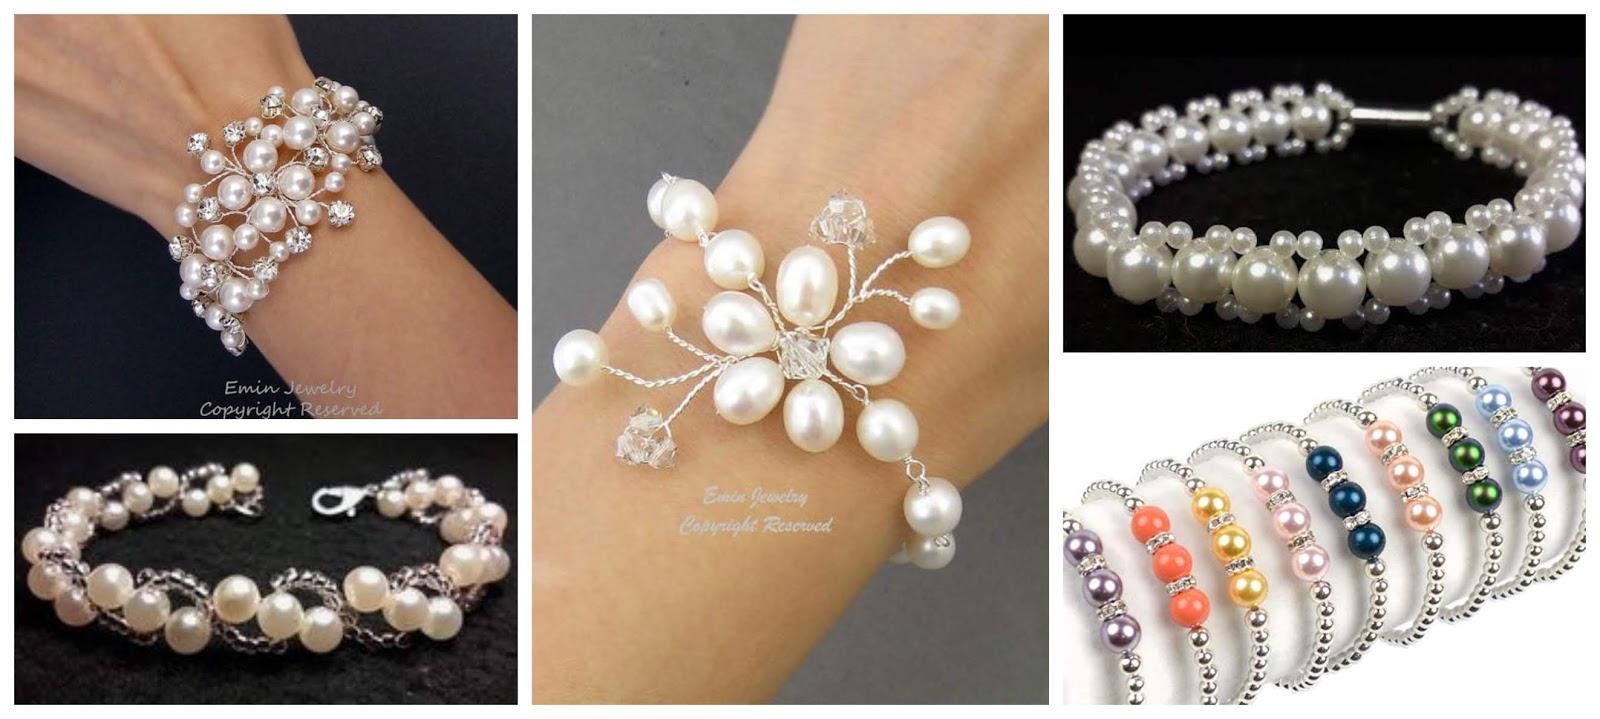 40d26585b888 Aprende cómo hacer una hermosa pulsera de perlas paso a paso